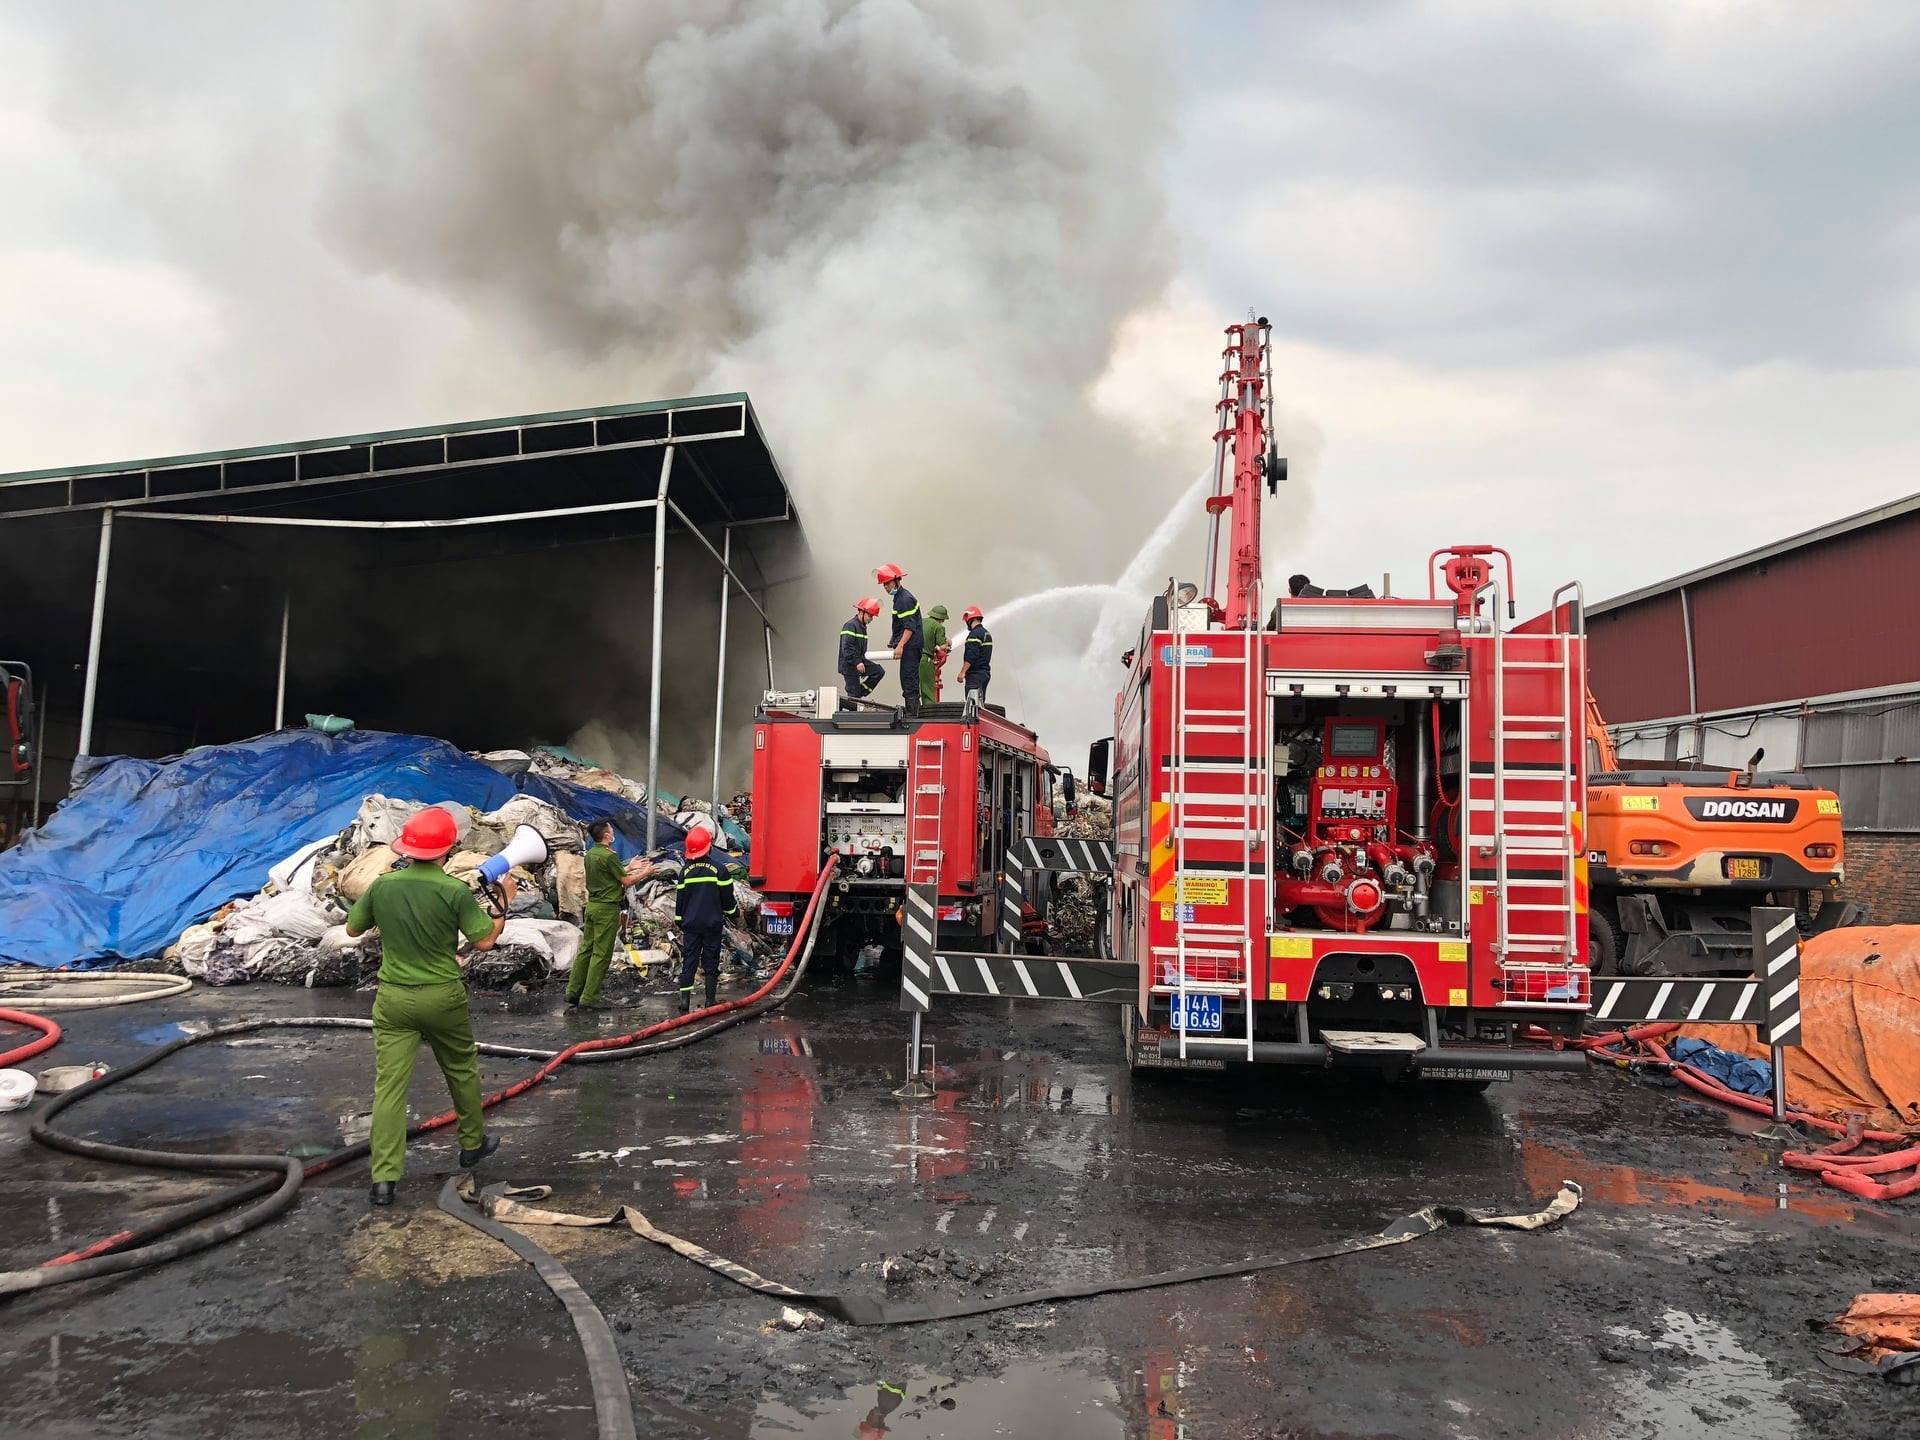 Cháy dữ dội tại kho chứa vải khu công nghiệp ở Quảng Ninh